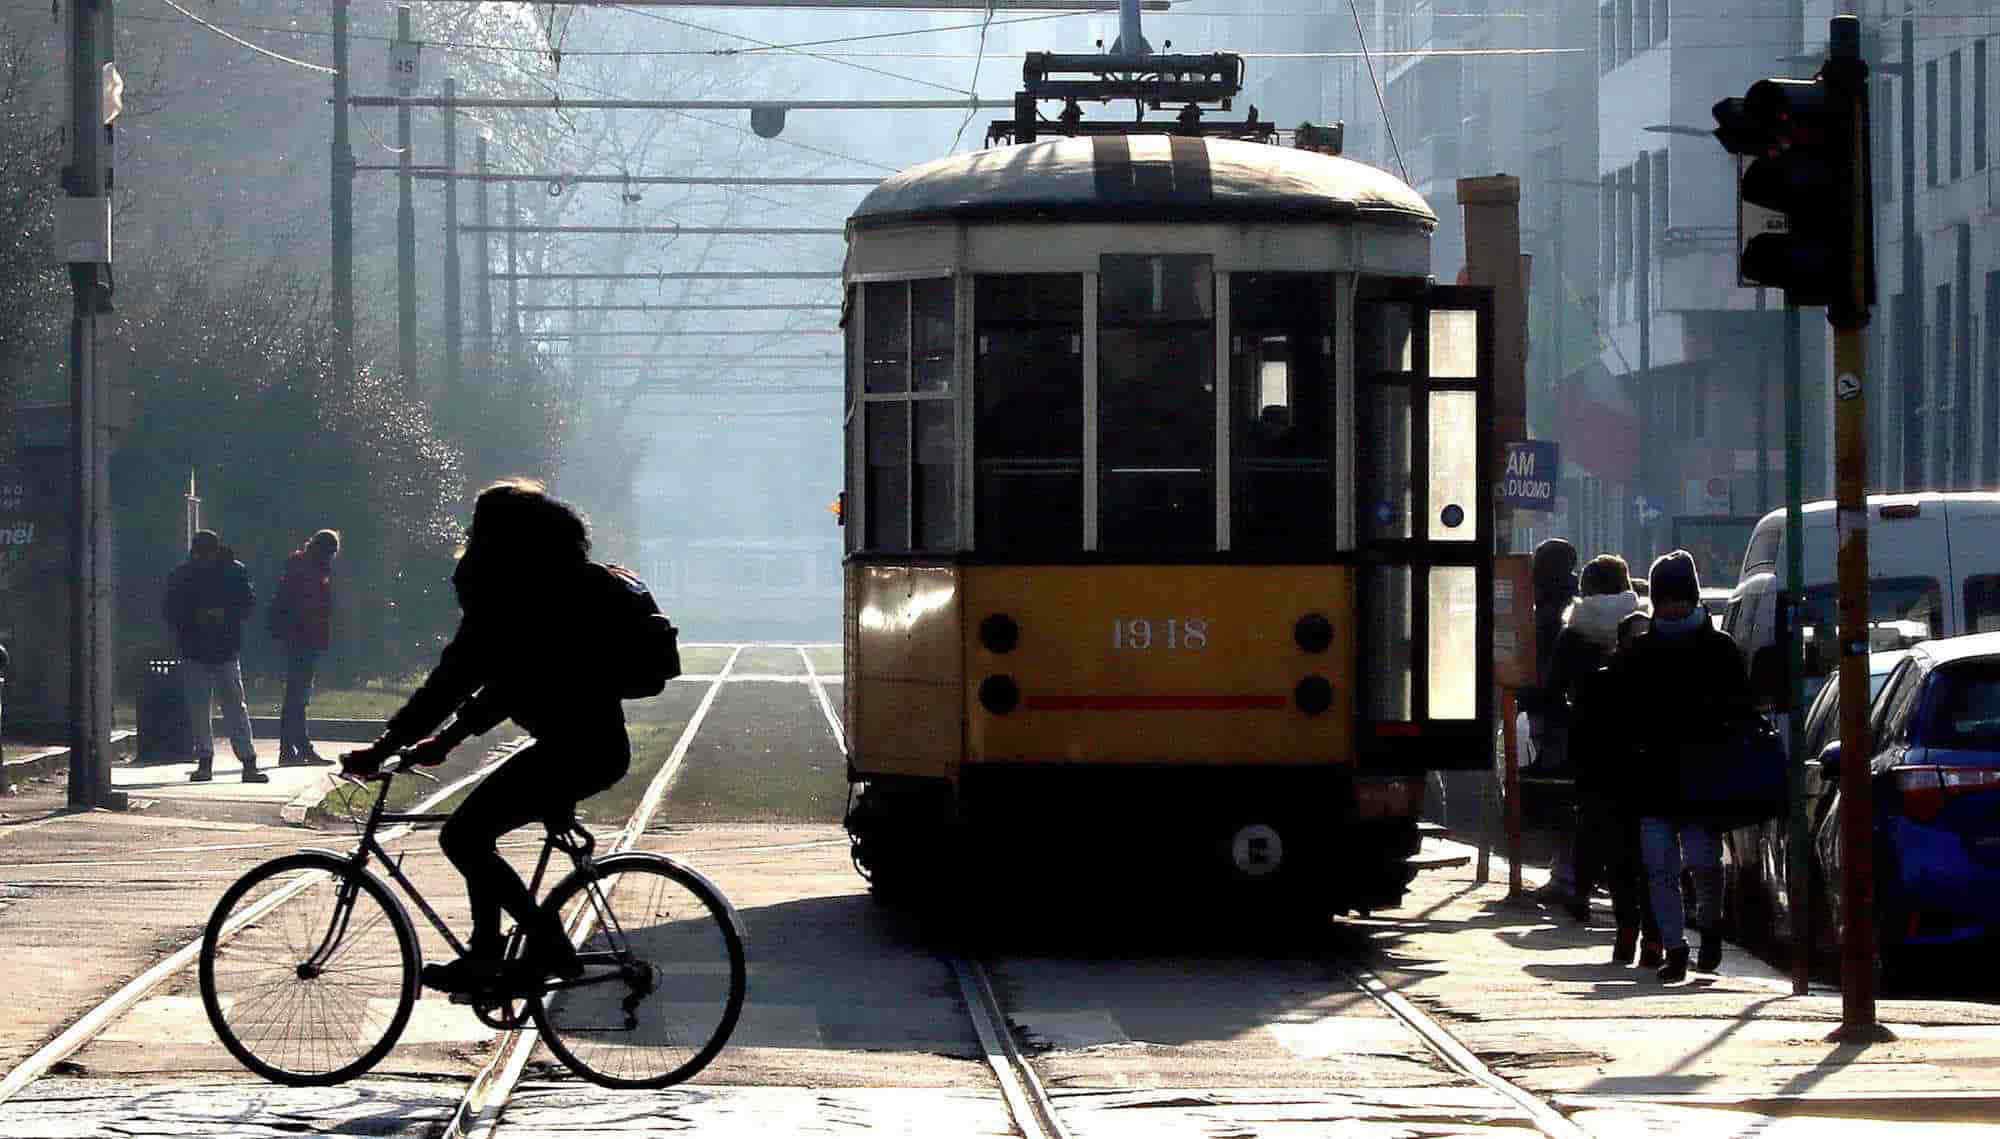 L'Italia e l'Europa stanno riscoprendo i tram